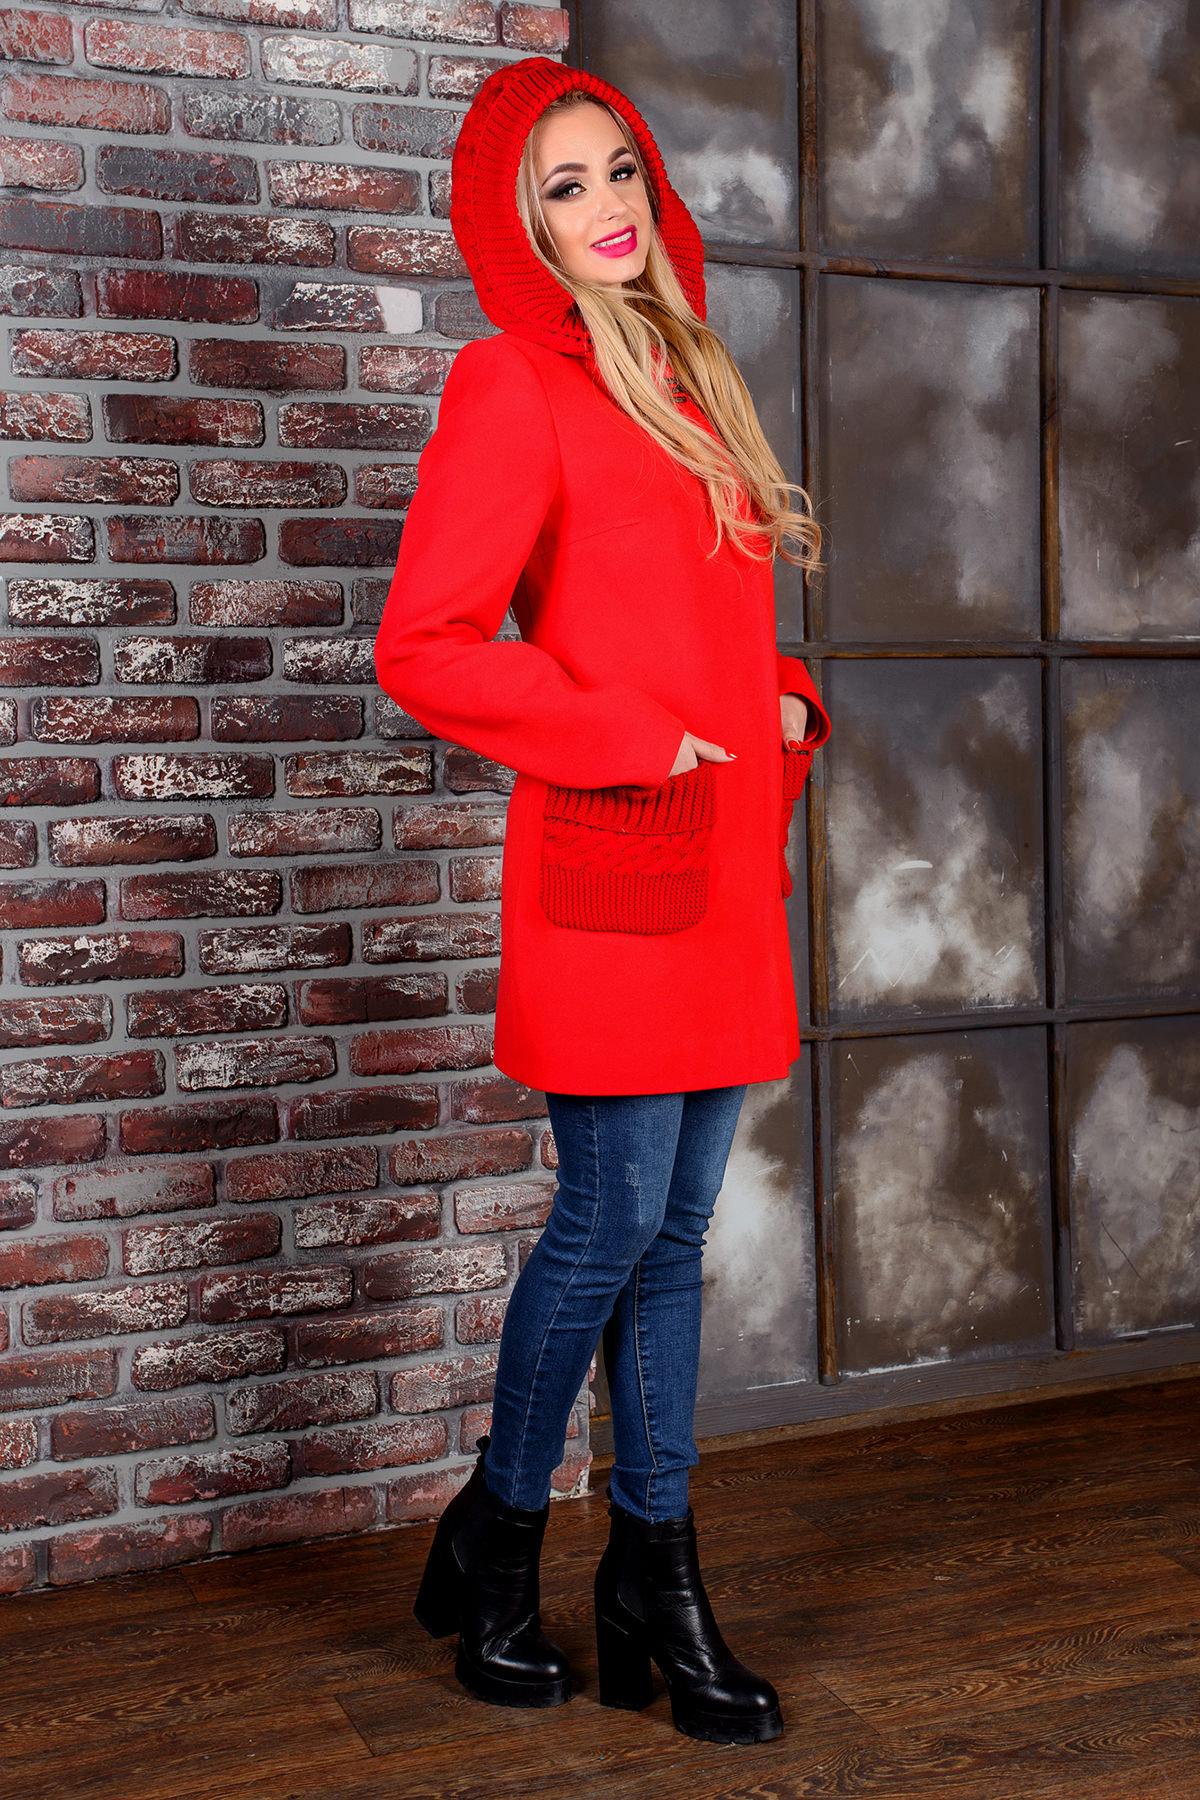 Пальто Джи 1447 АРТ. 9057 Цвет: Красный - фото 2, интернет магазин tm-modus.ru